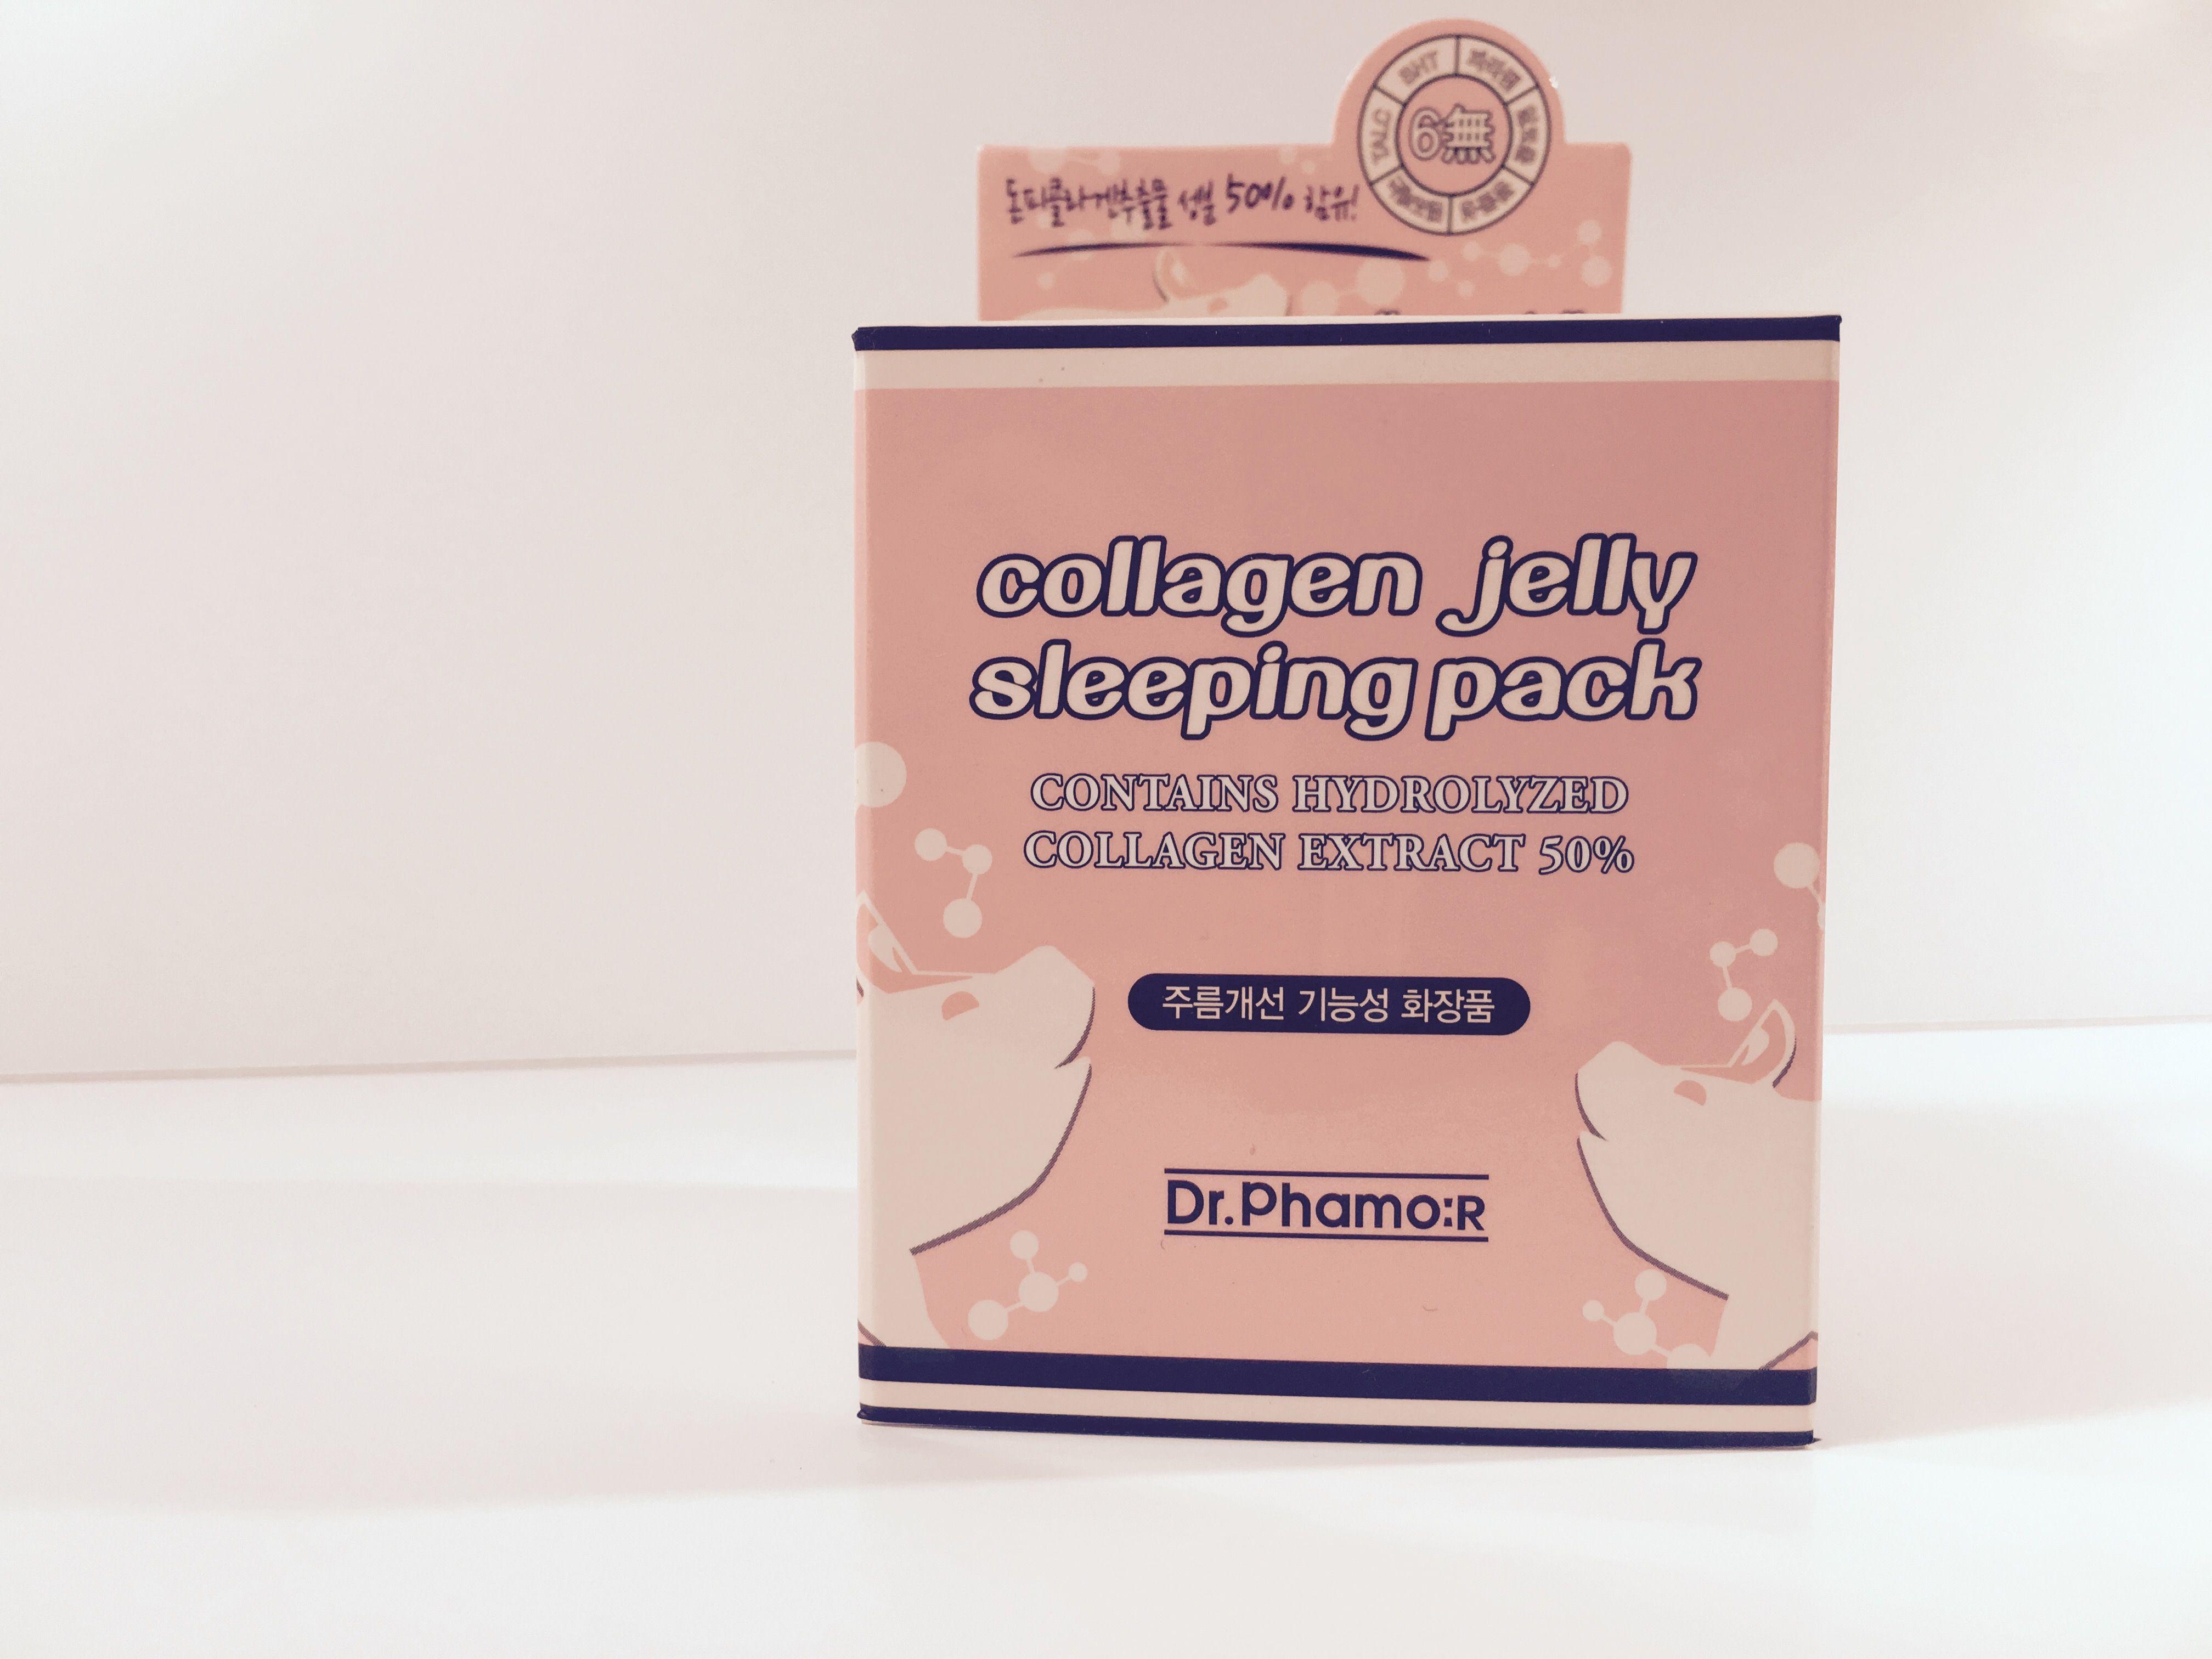 Das Collagen Jelly Sleeping Pack, weil Overnight-Masken (Sleeping Packs) auch in Korea erfunden wurden und ich eine davon mitnehmen musste. Sieht aus wie Pudding, ist aber eine straffende und Falten vermindernde Schlafmaske mit Kollagen. Ich freue mich schon auf unsere erste Nacht.